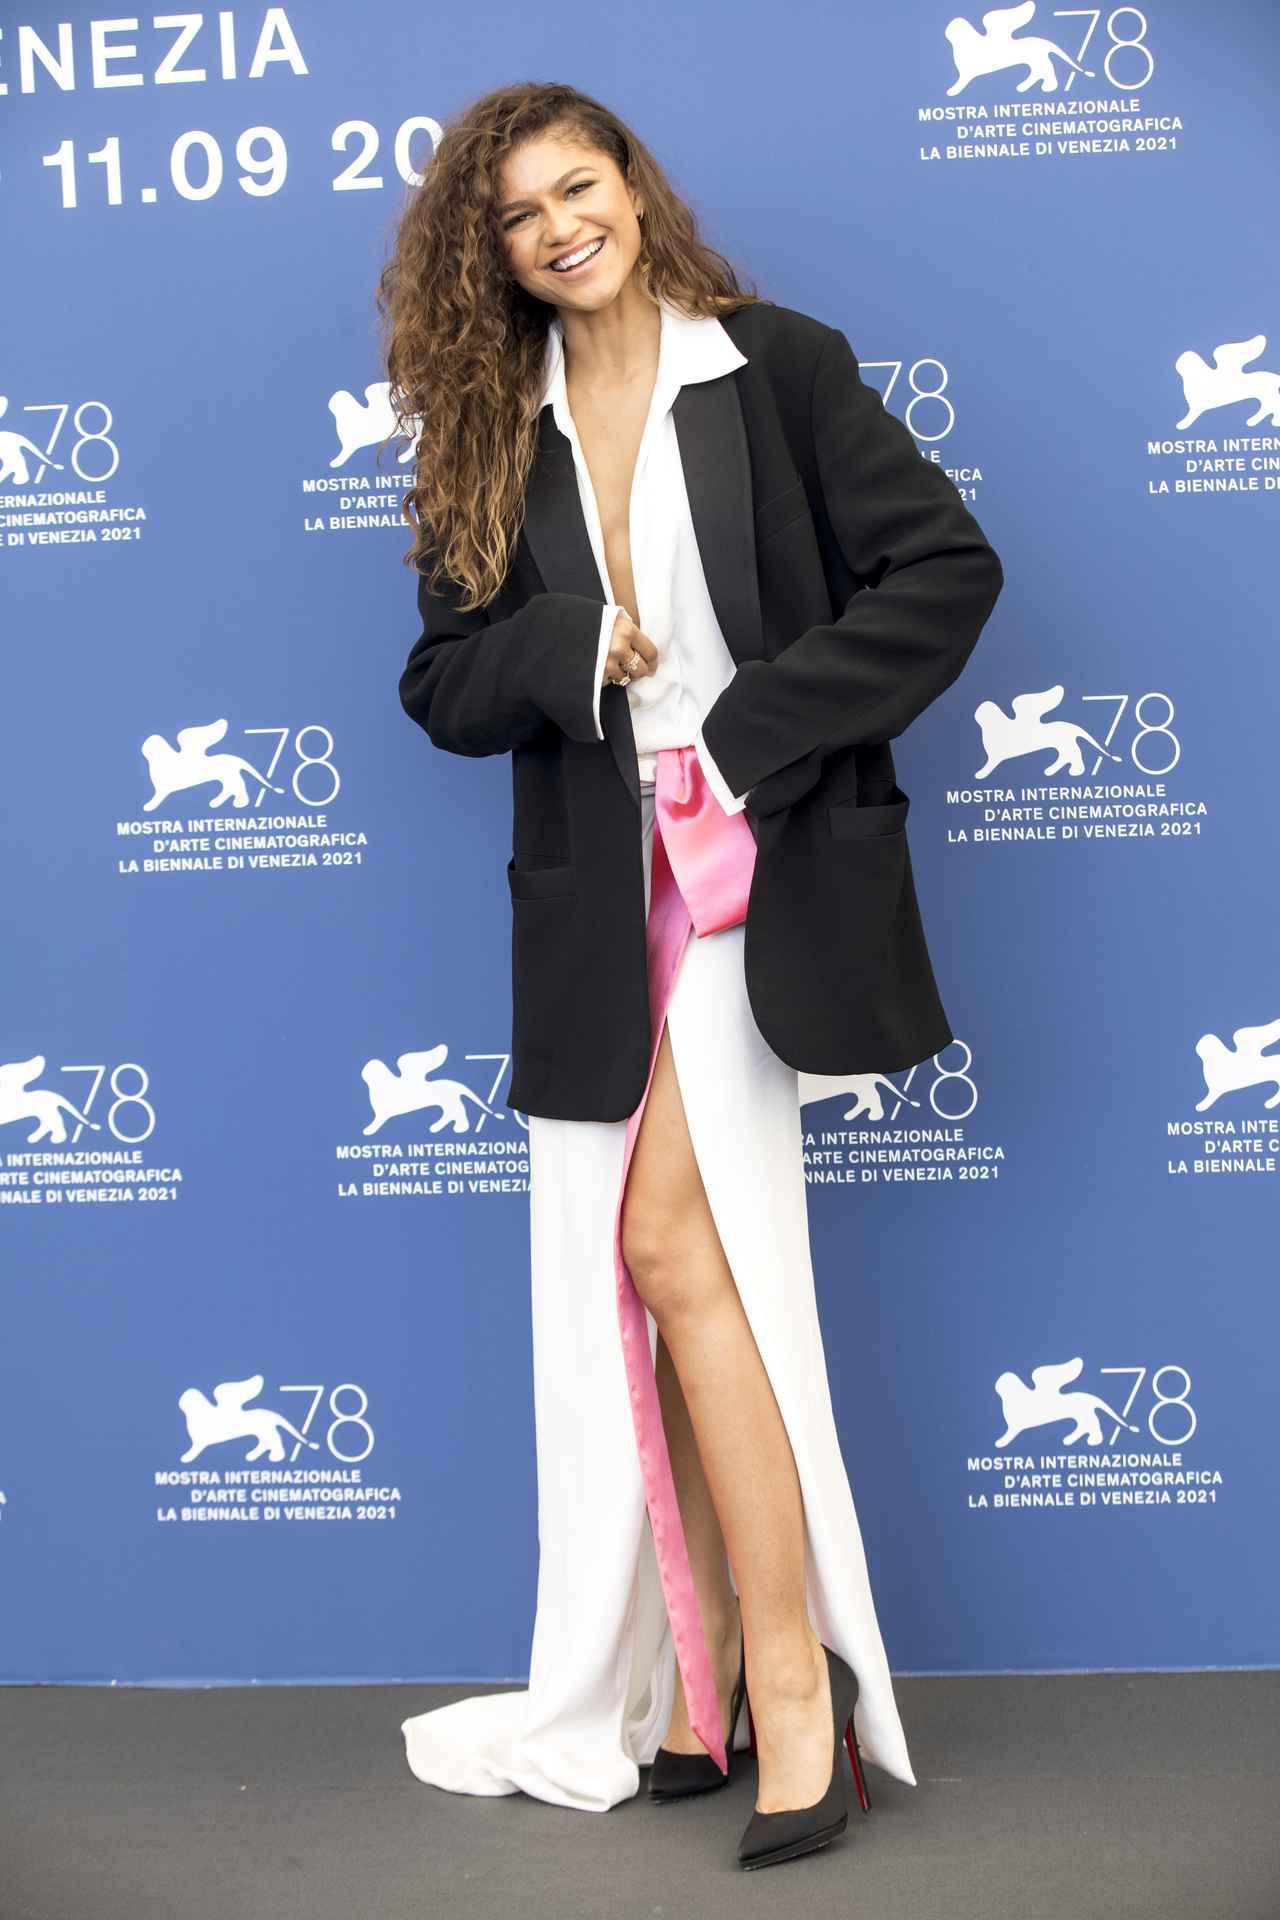 画像2: ゼンデイヤがヴァレンティノのドレスを着用